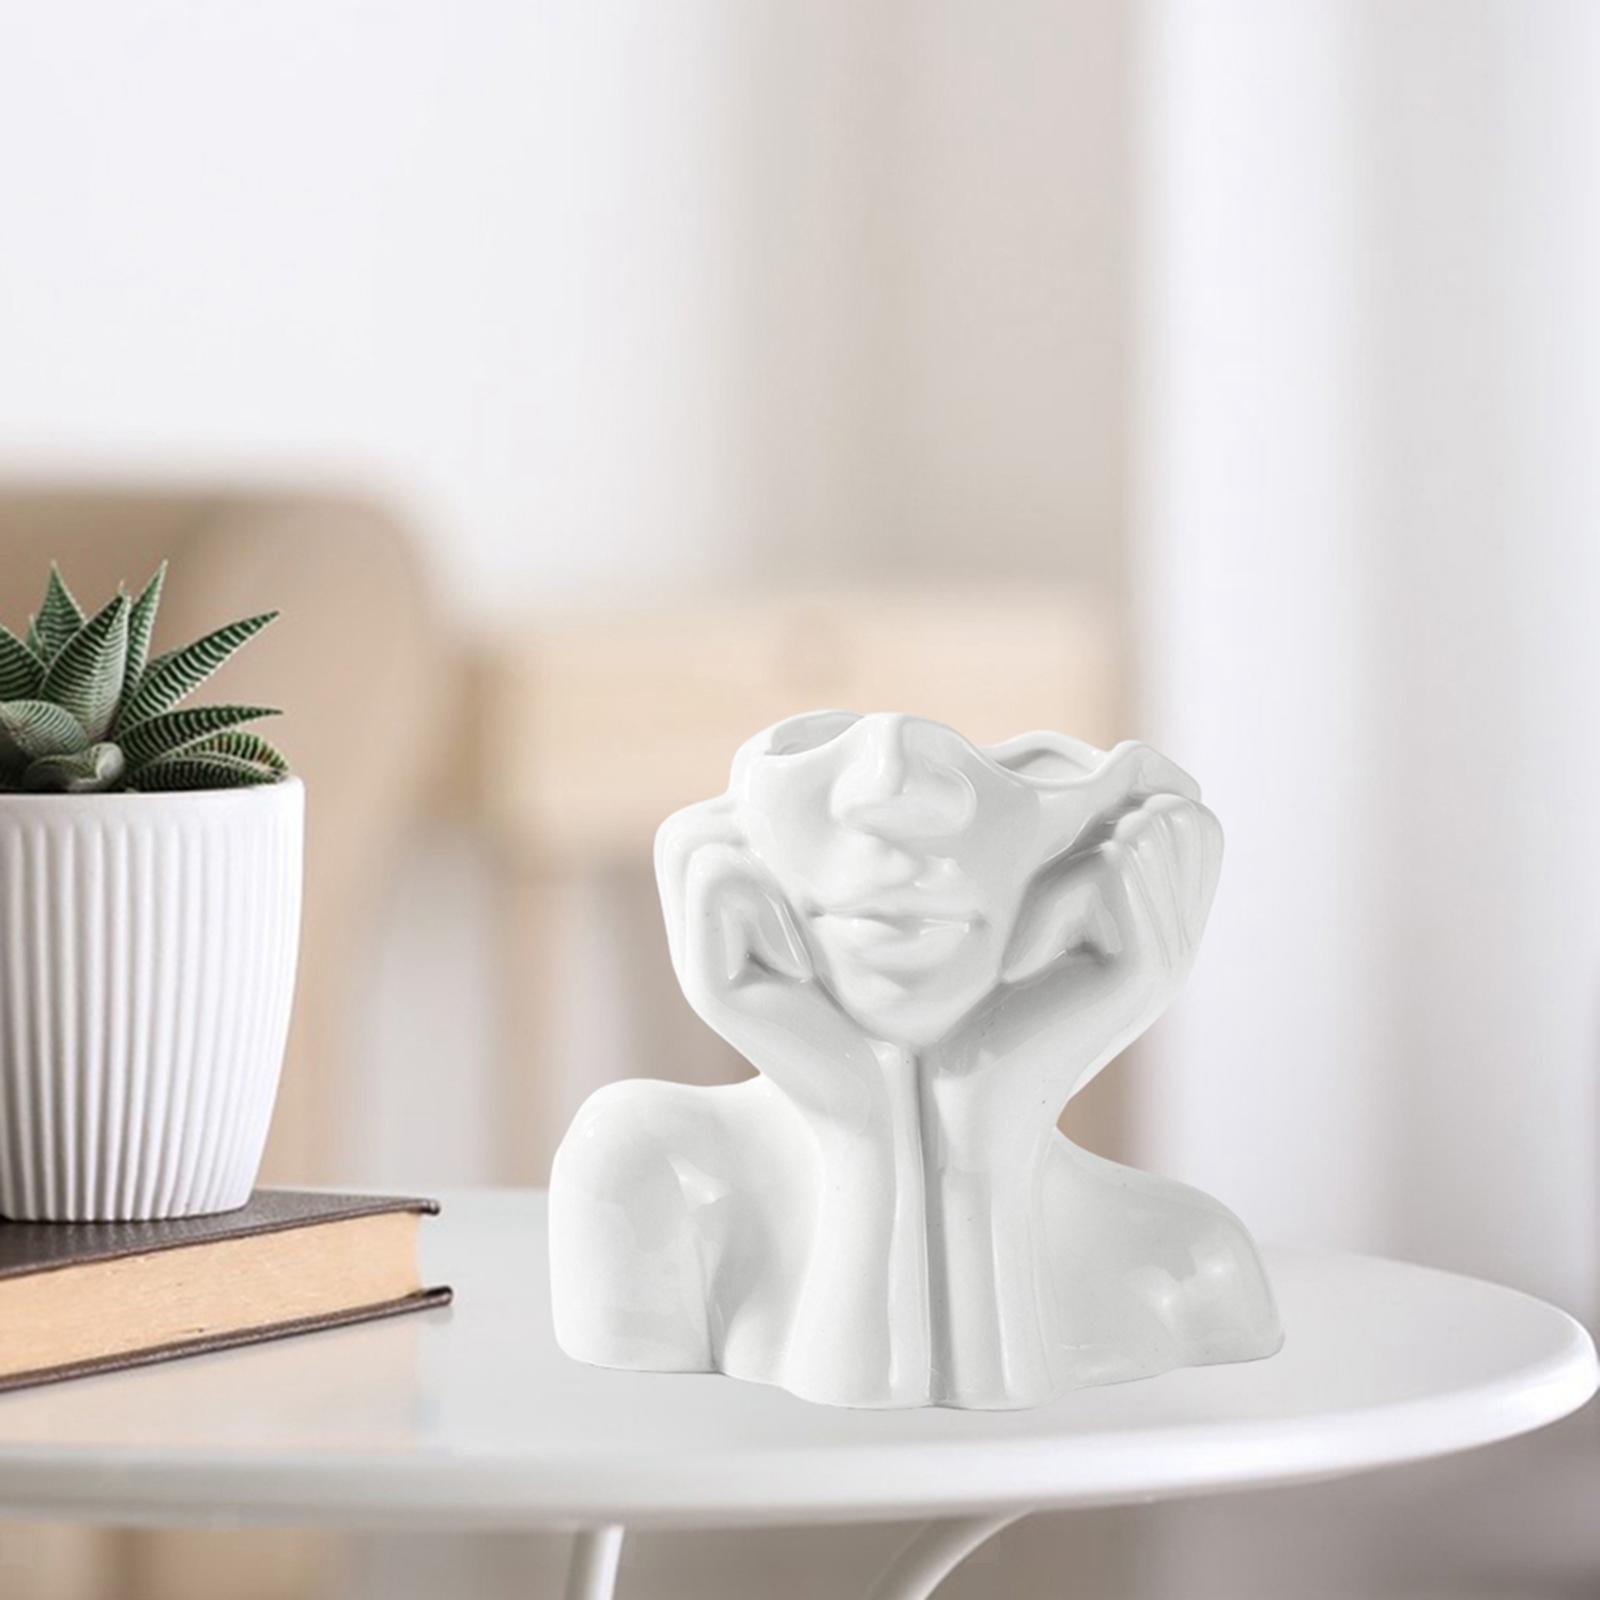 Indexbild 3 - Abstrakte Keramik Mädchen Form Gesicht Vase Chic Kopfform Vase Blumentöpfe